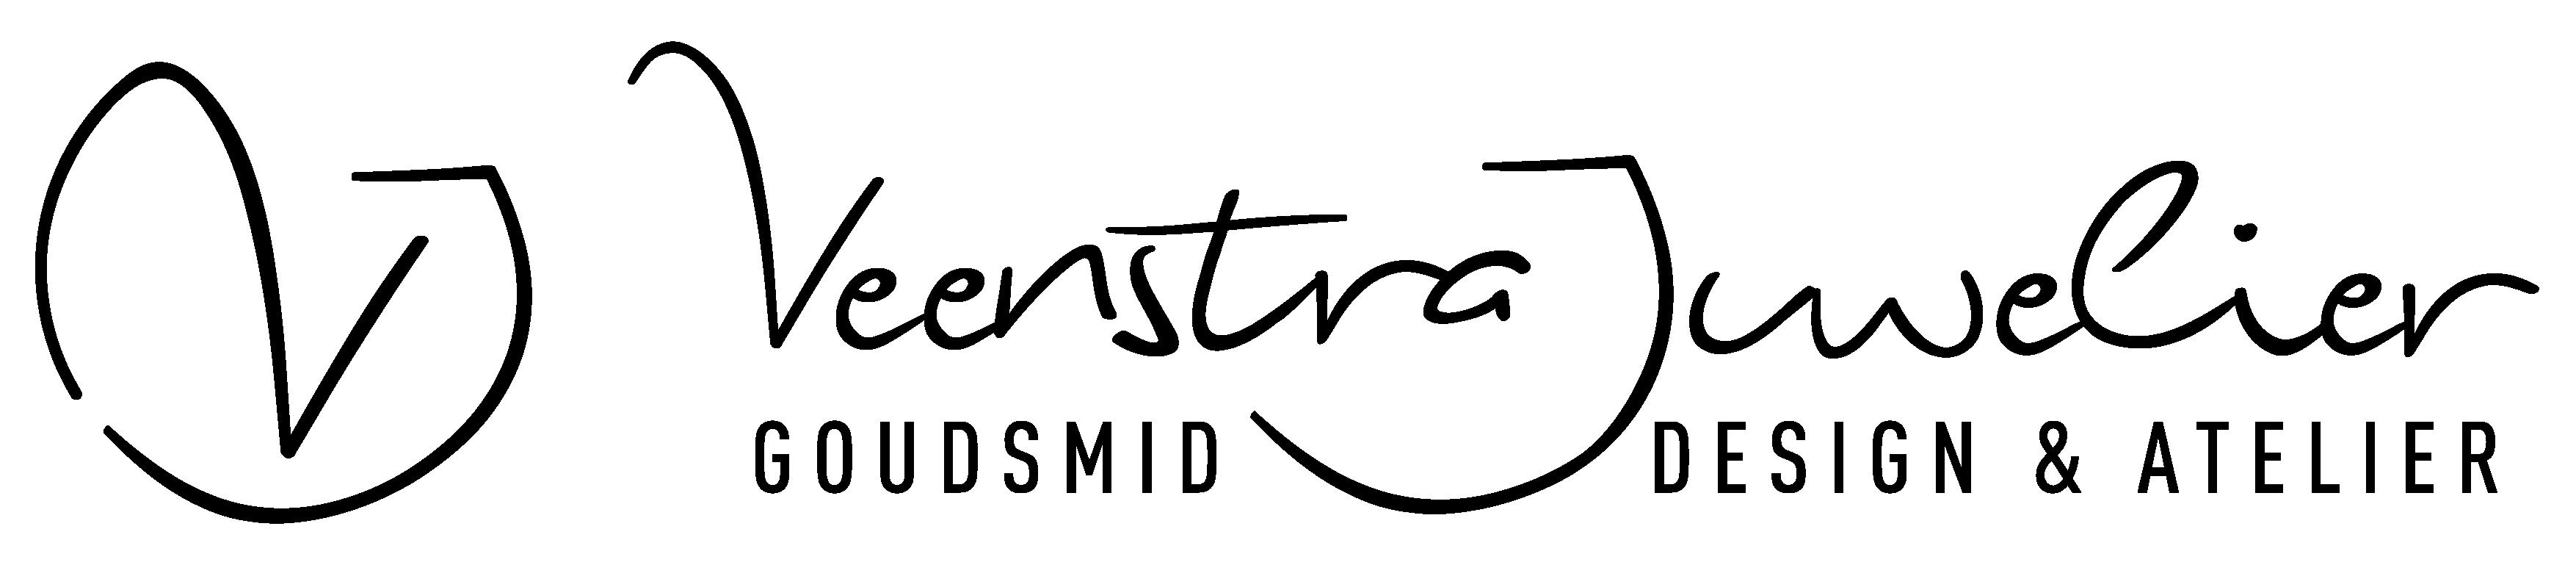 Veenstra juwelier goudsmid zoetermeer